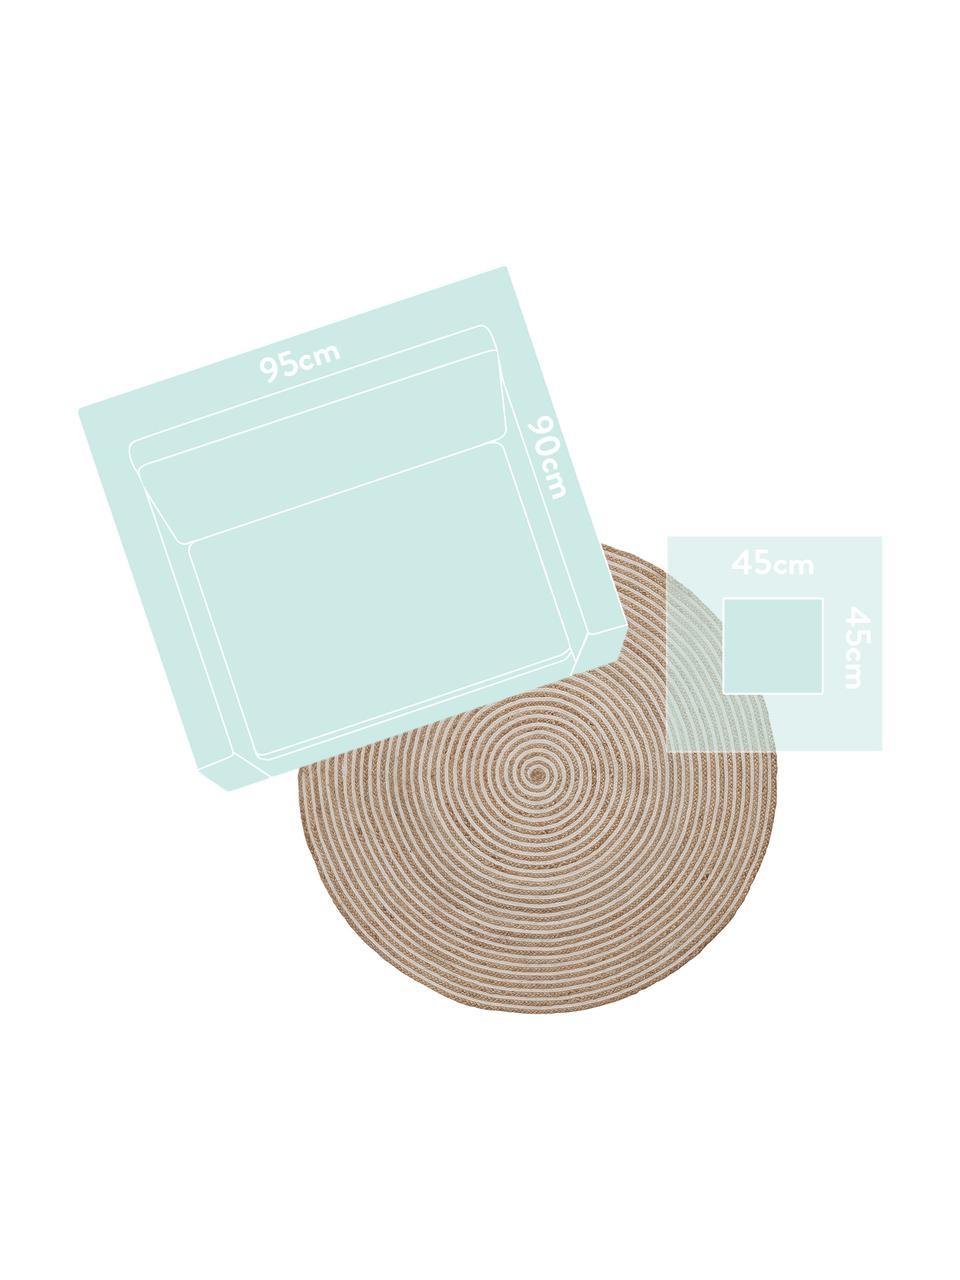 Runder Jute-Teppich Samy mit Spiralmuster in Beige/Weiß, 60% Jute, 40% Baumwolle, Jute, gebrochenes Weiß, Ø 150 cm (Größe M)